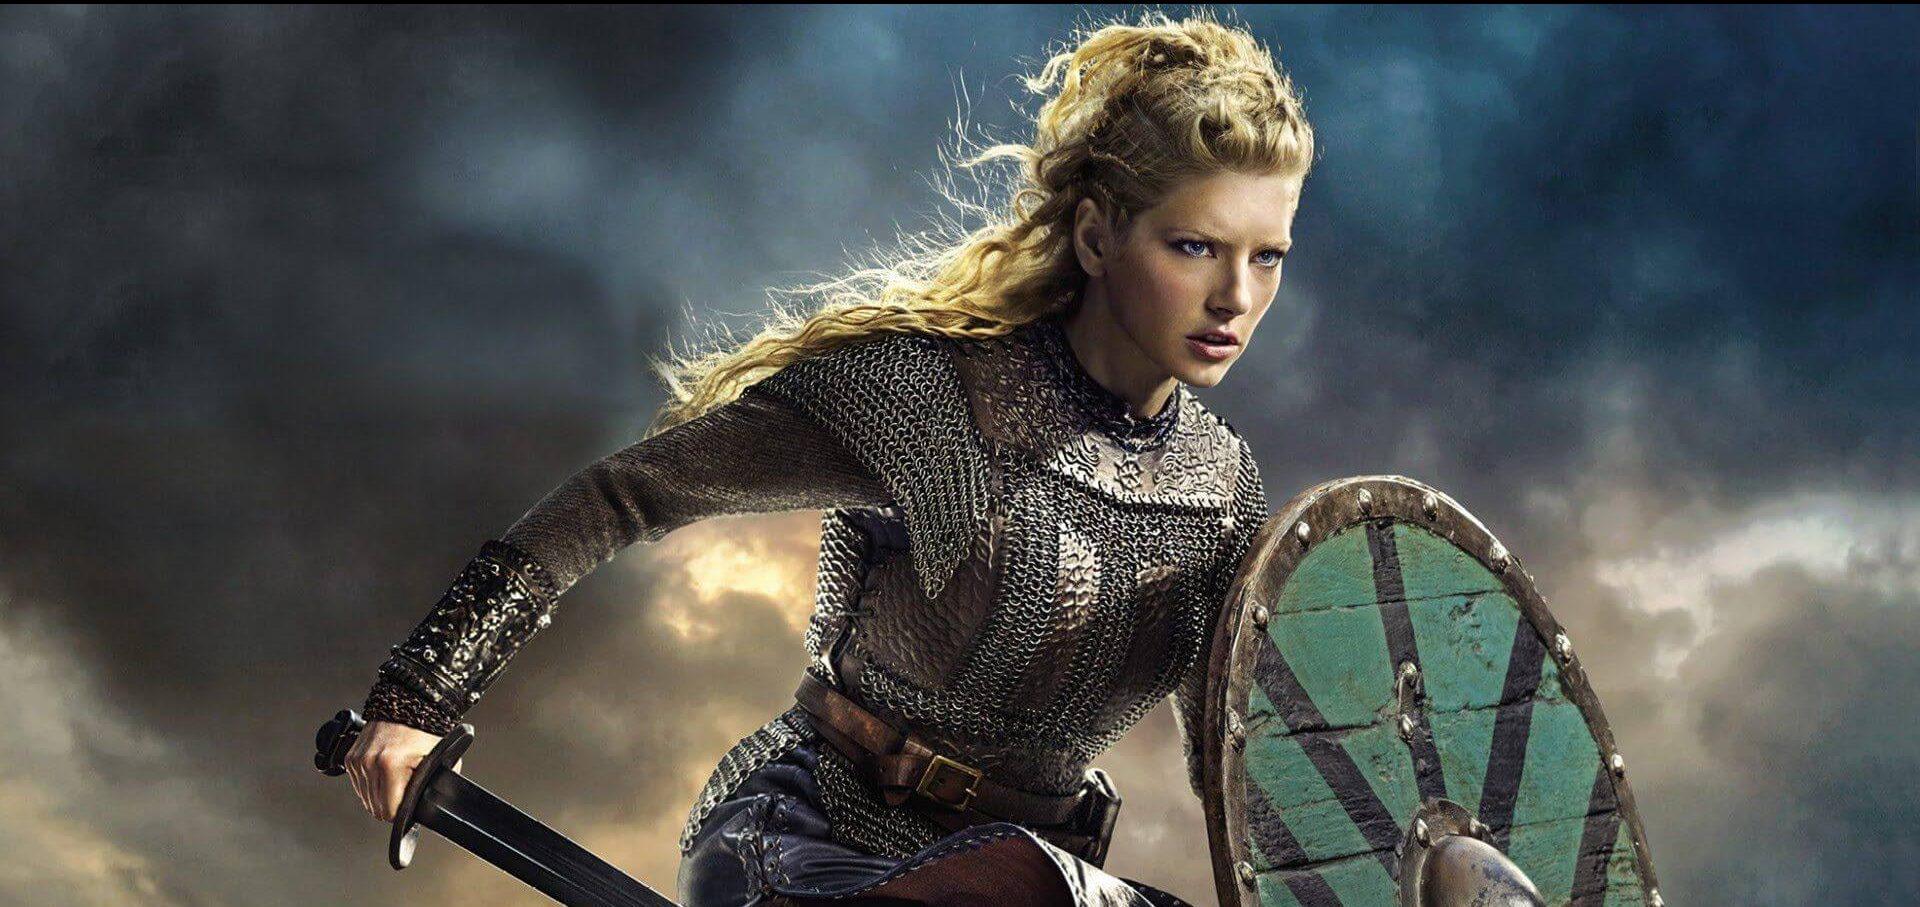 Esqueleto de grande guerreiro viking na verdade é de uma mulher